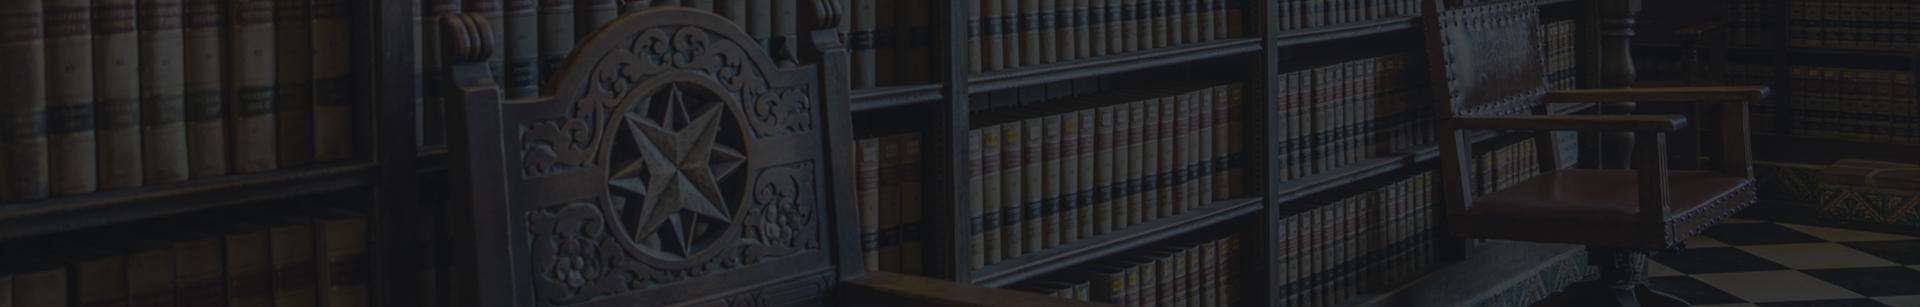 cases-subheader-2-2